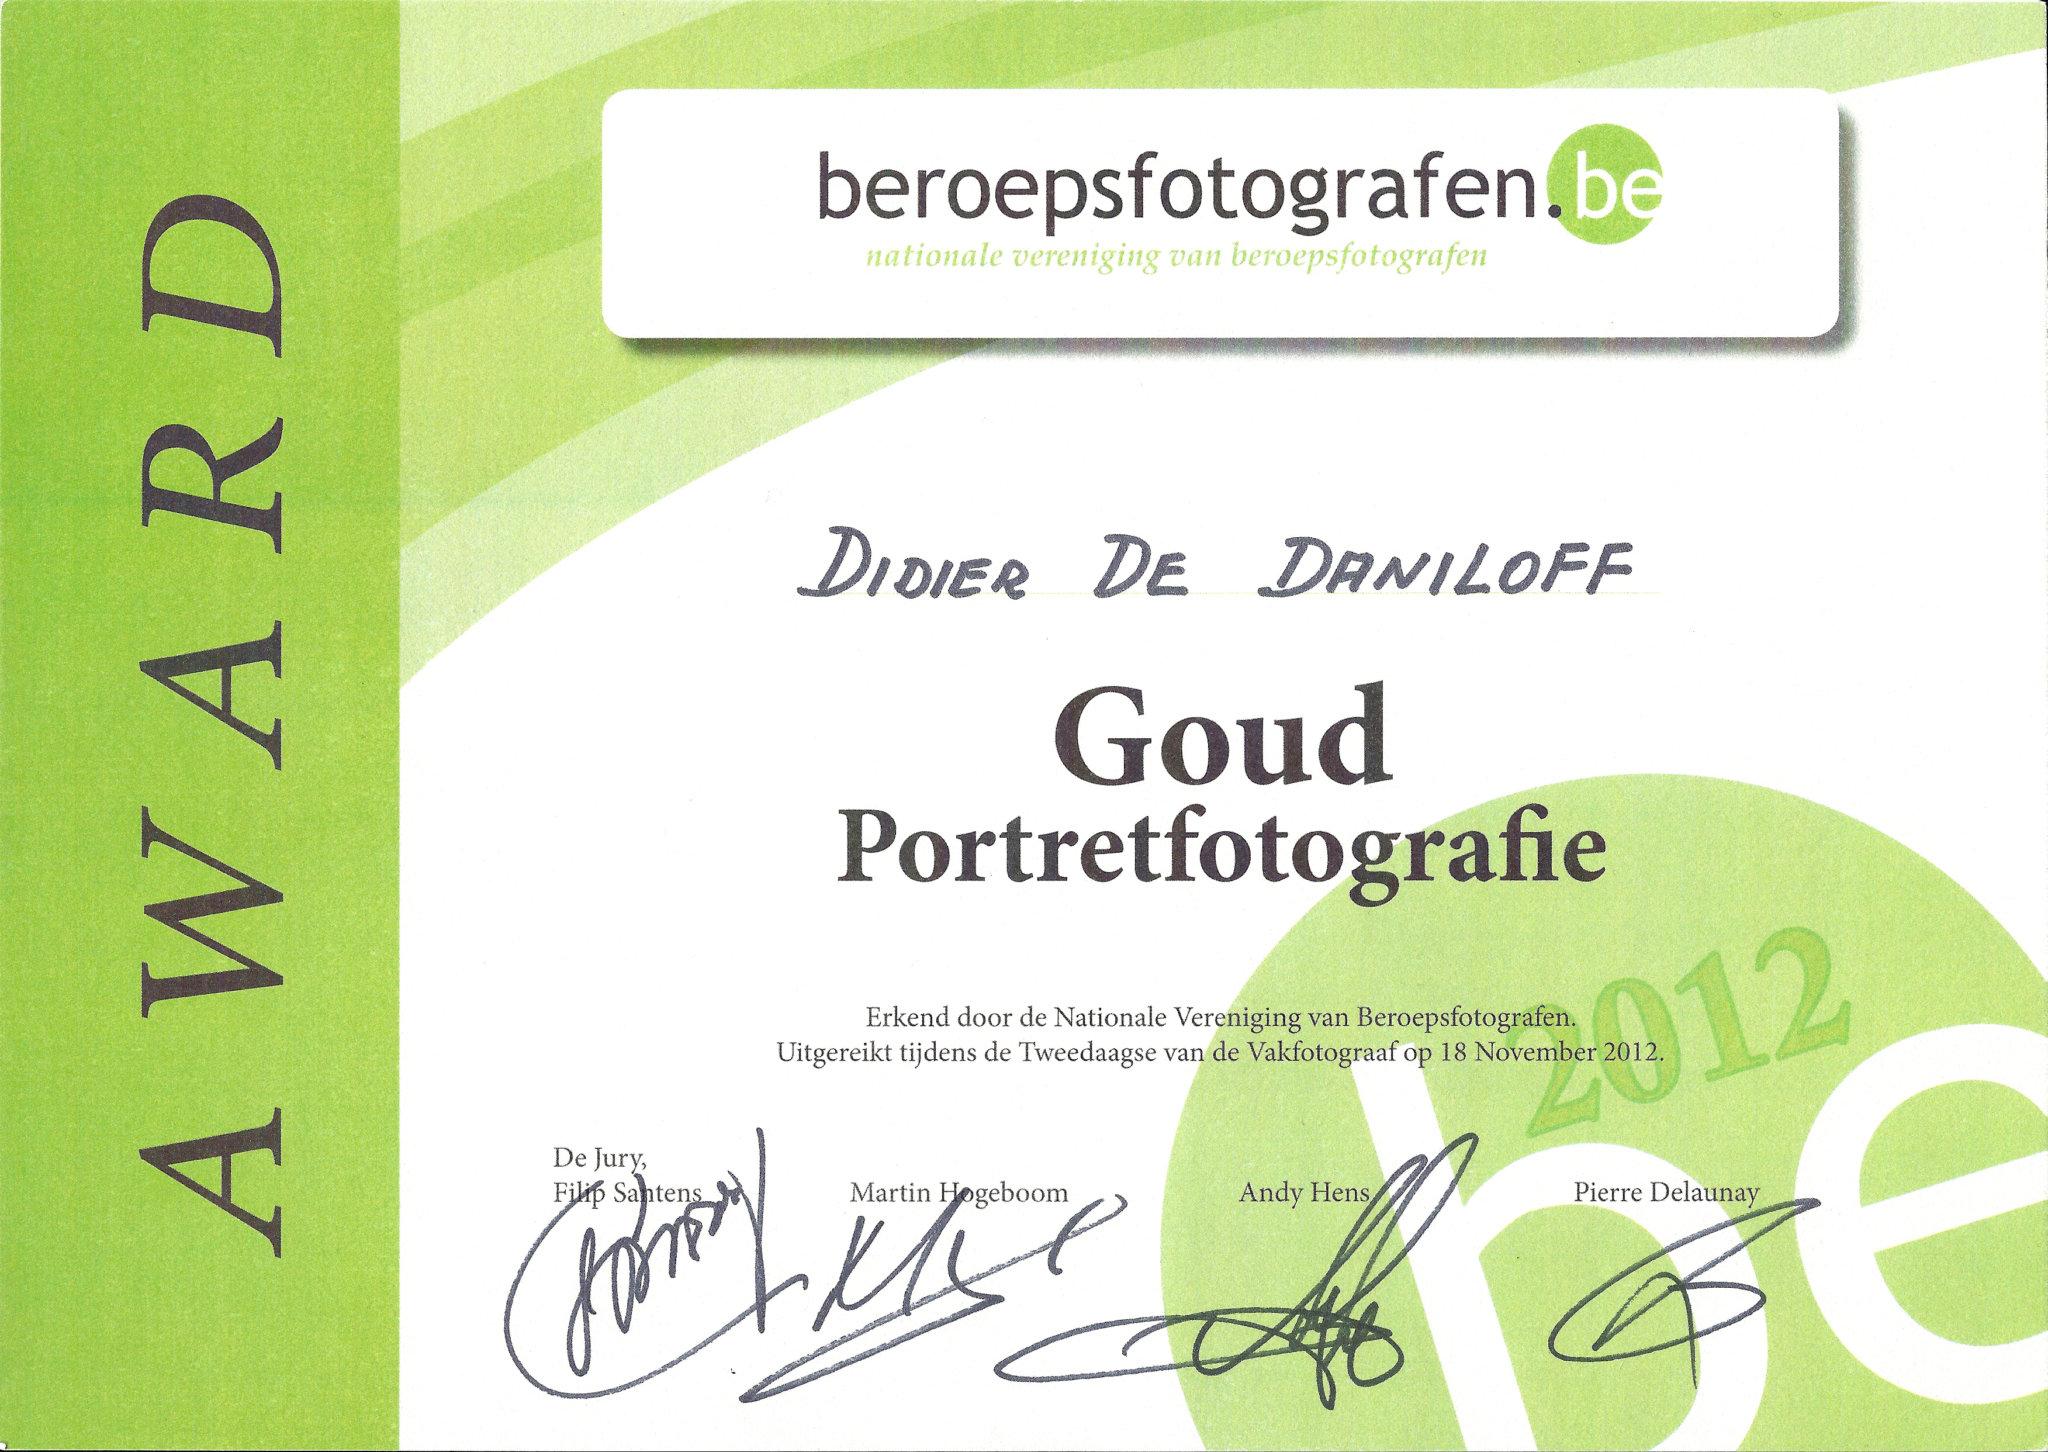 Award beroepsfotografen